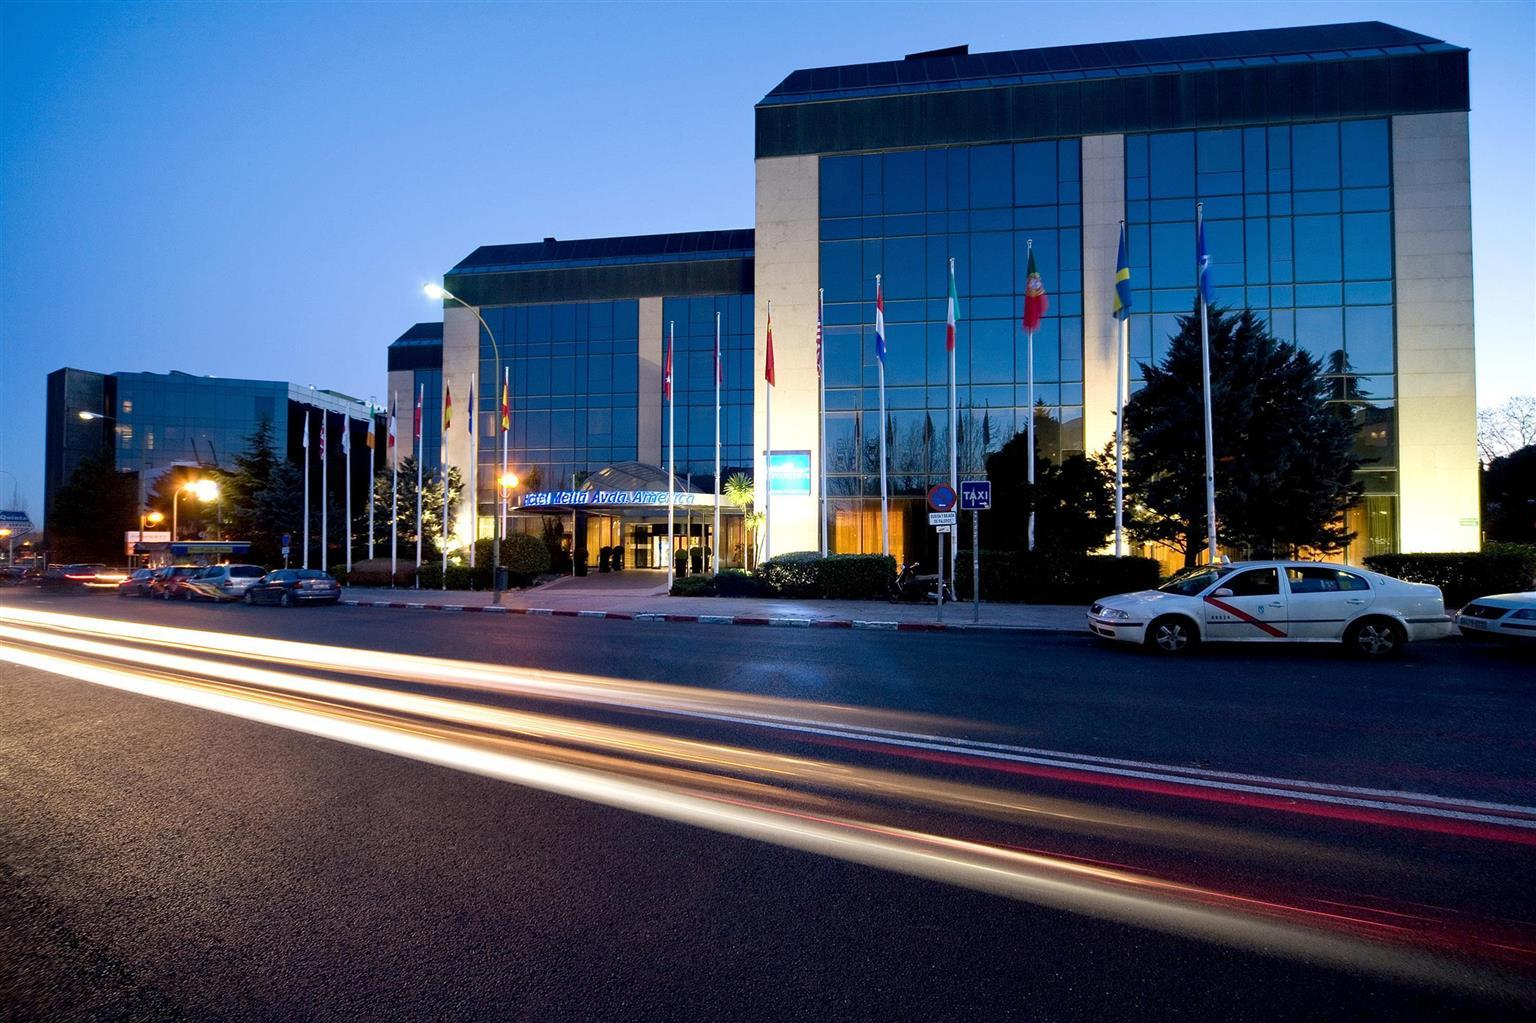 Hotel en Europa Meliá Avenida América